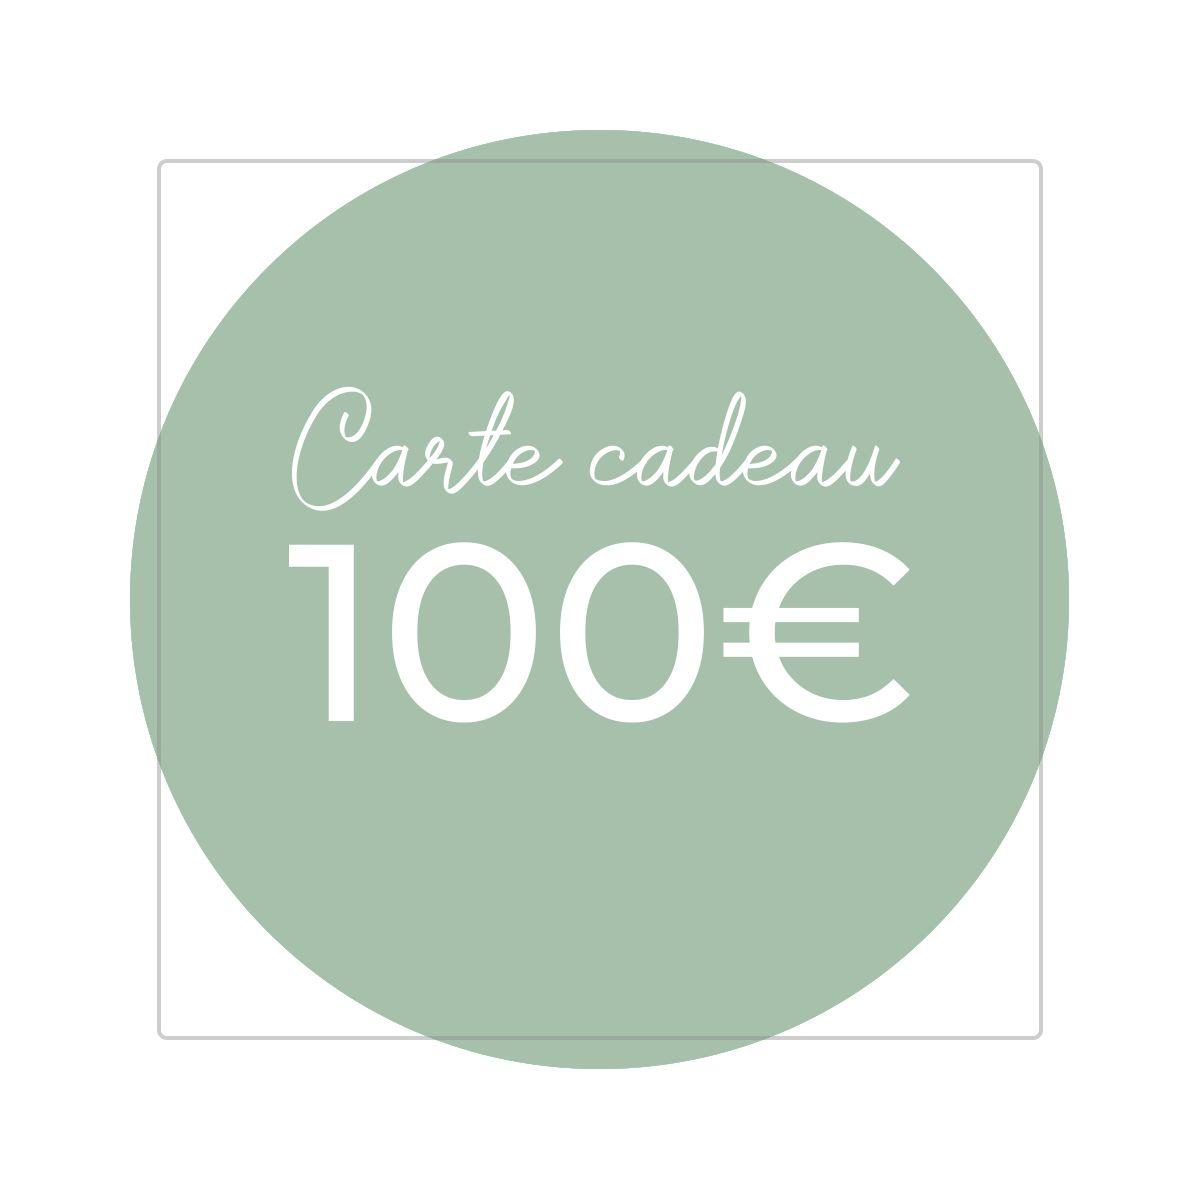 Carte cadeau 100€ - Version numérique